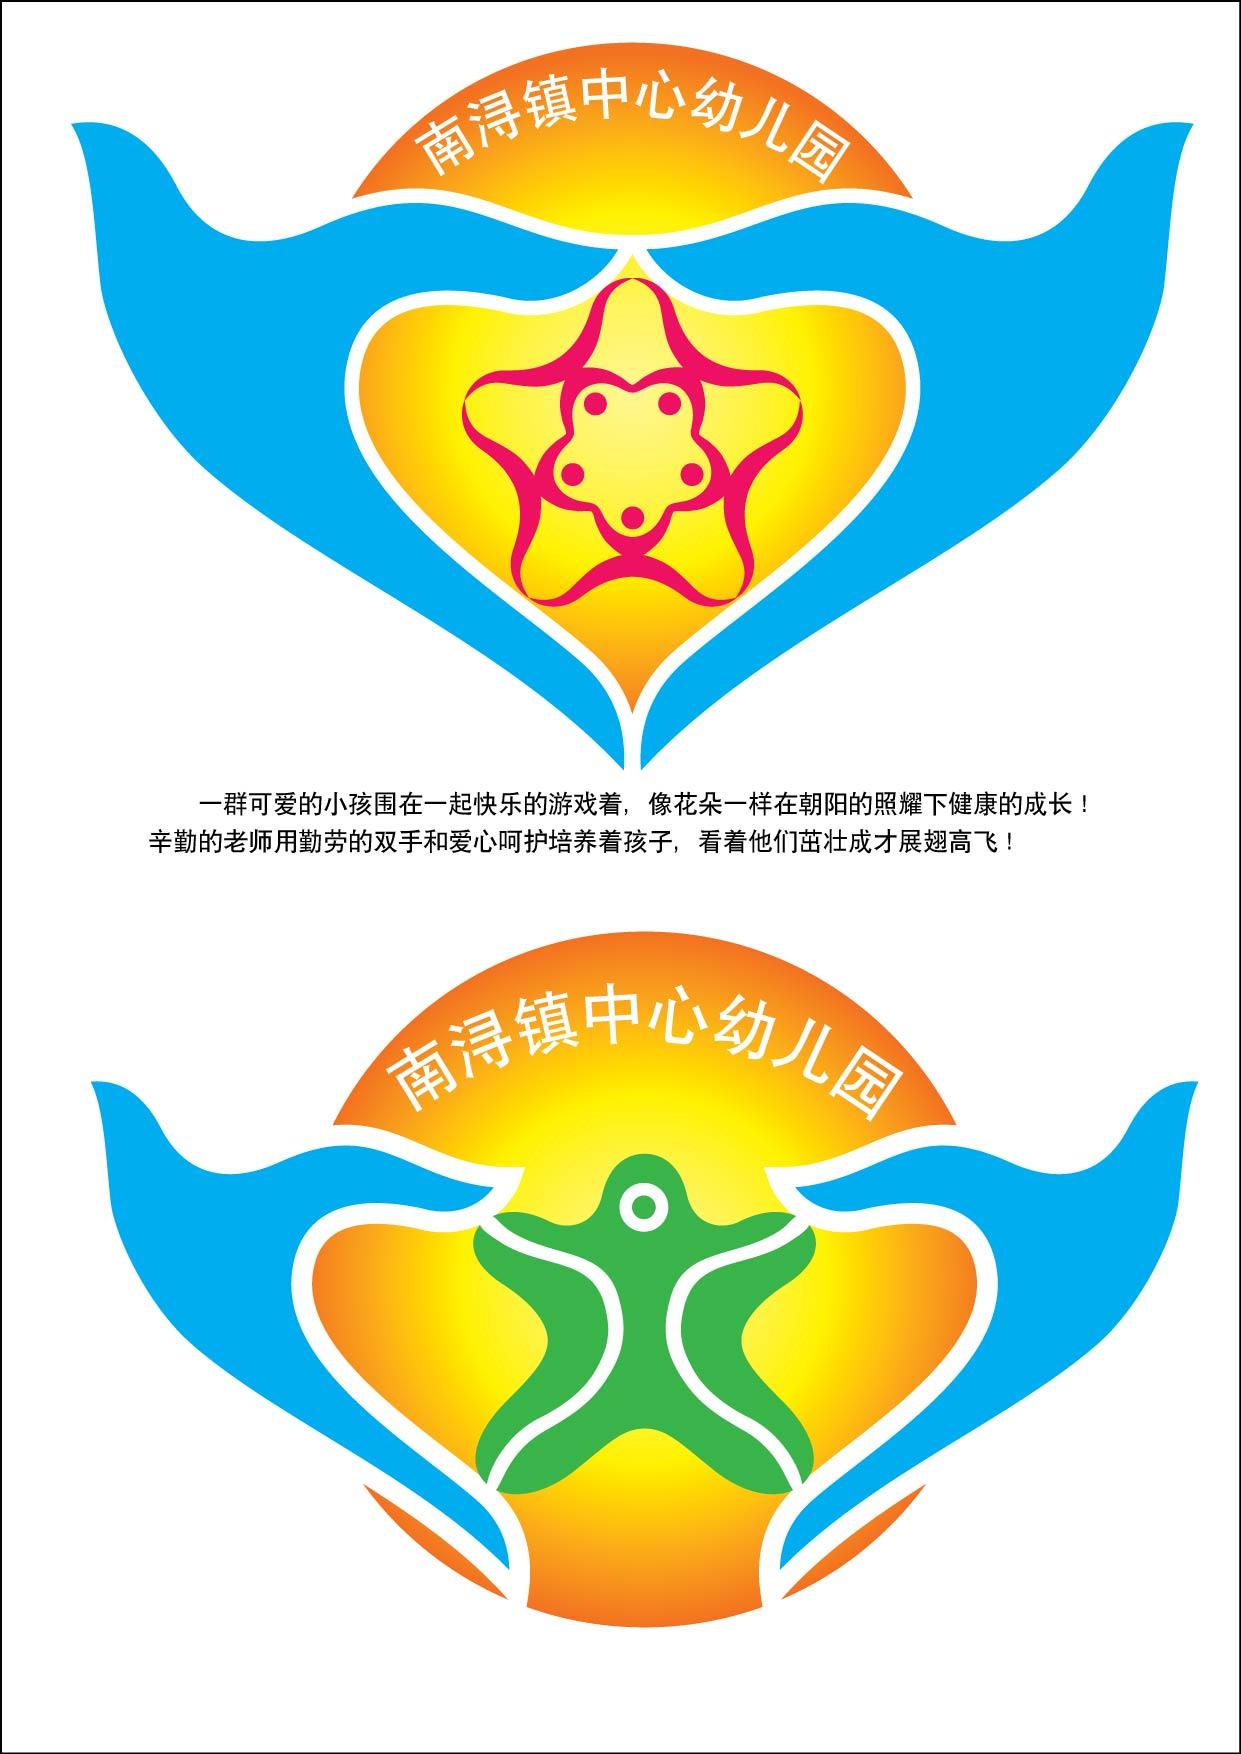 第二幼儿园园徽设计图片展示